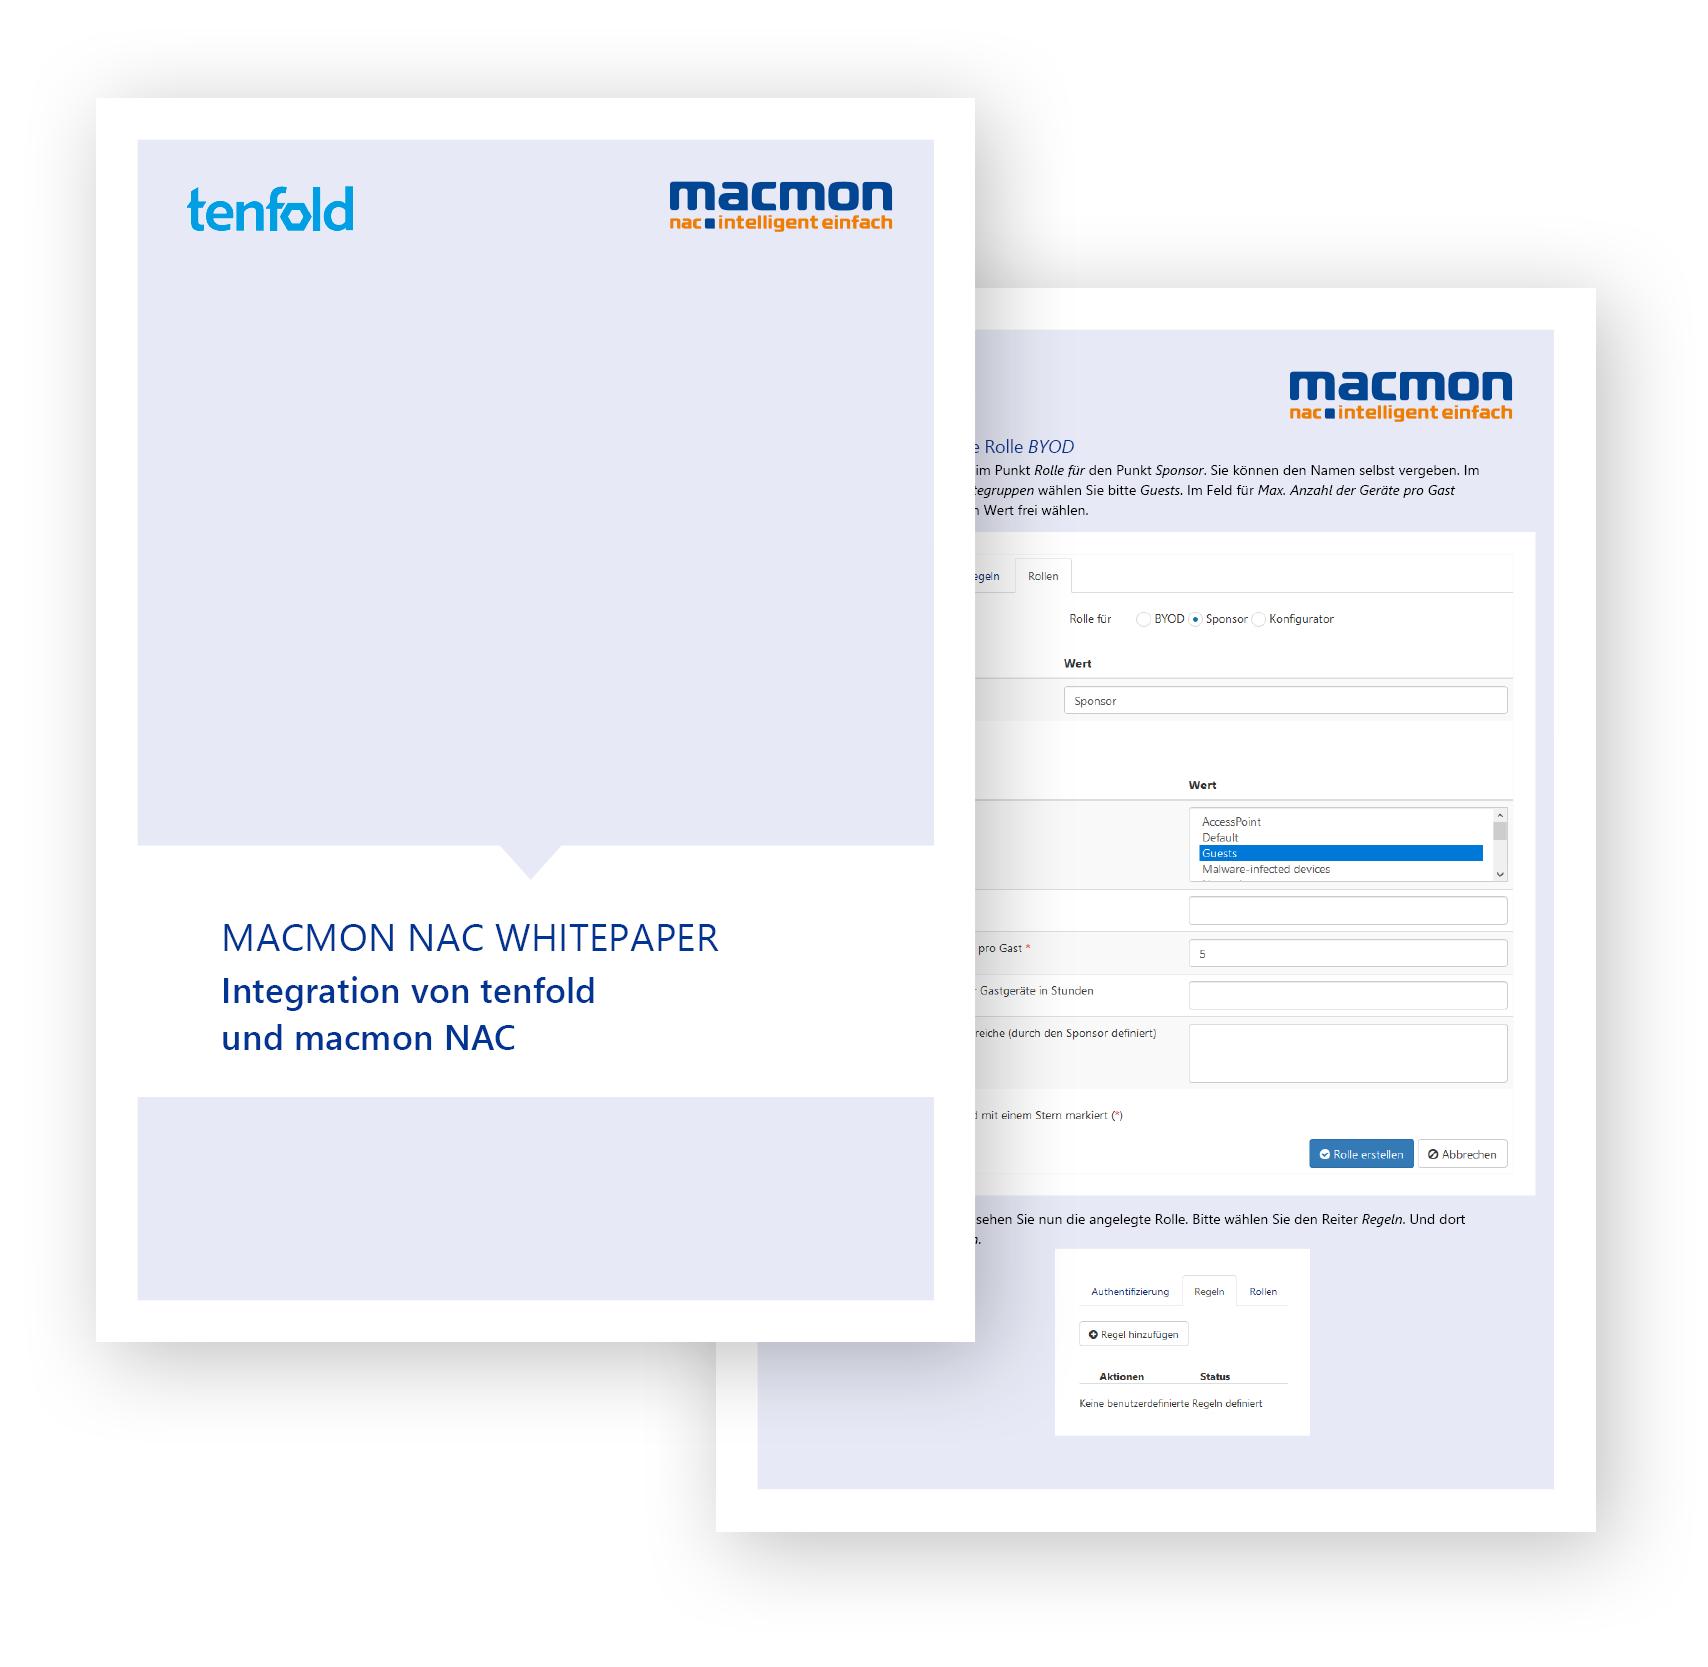 macmon_web_whitepaper_Grafiken_tenfold